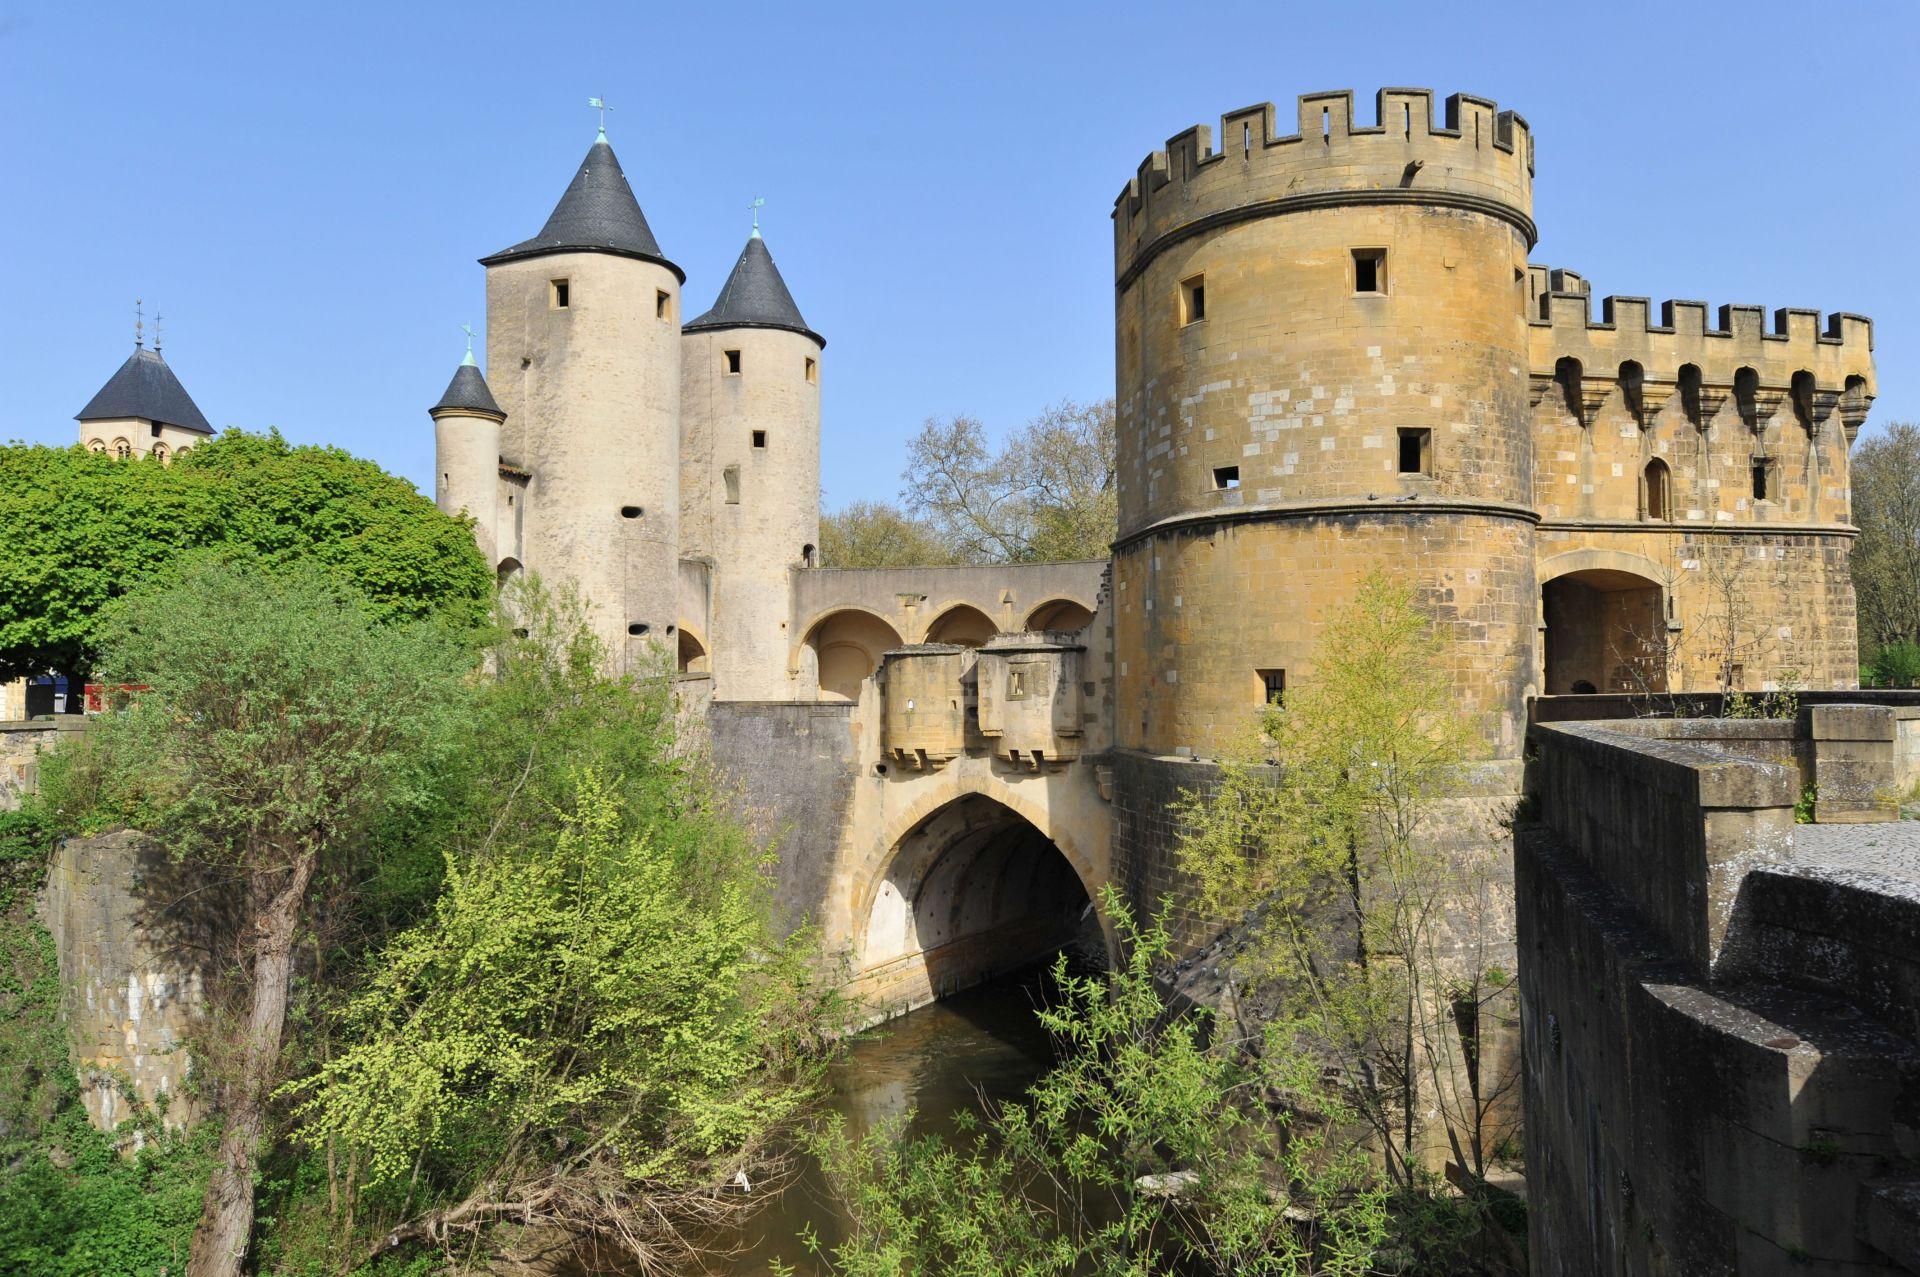 Porte des allemands lorraine tourisme for La porte and associates